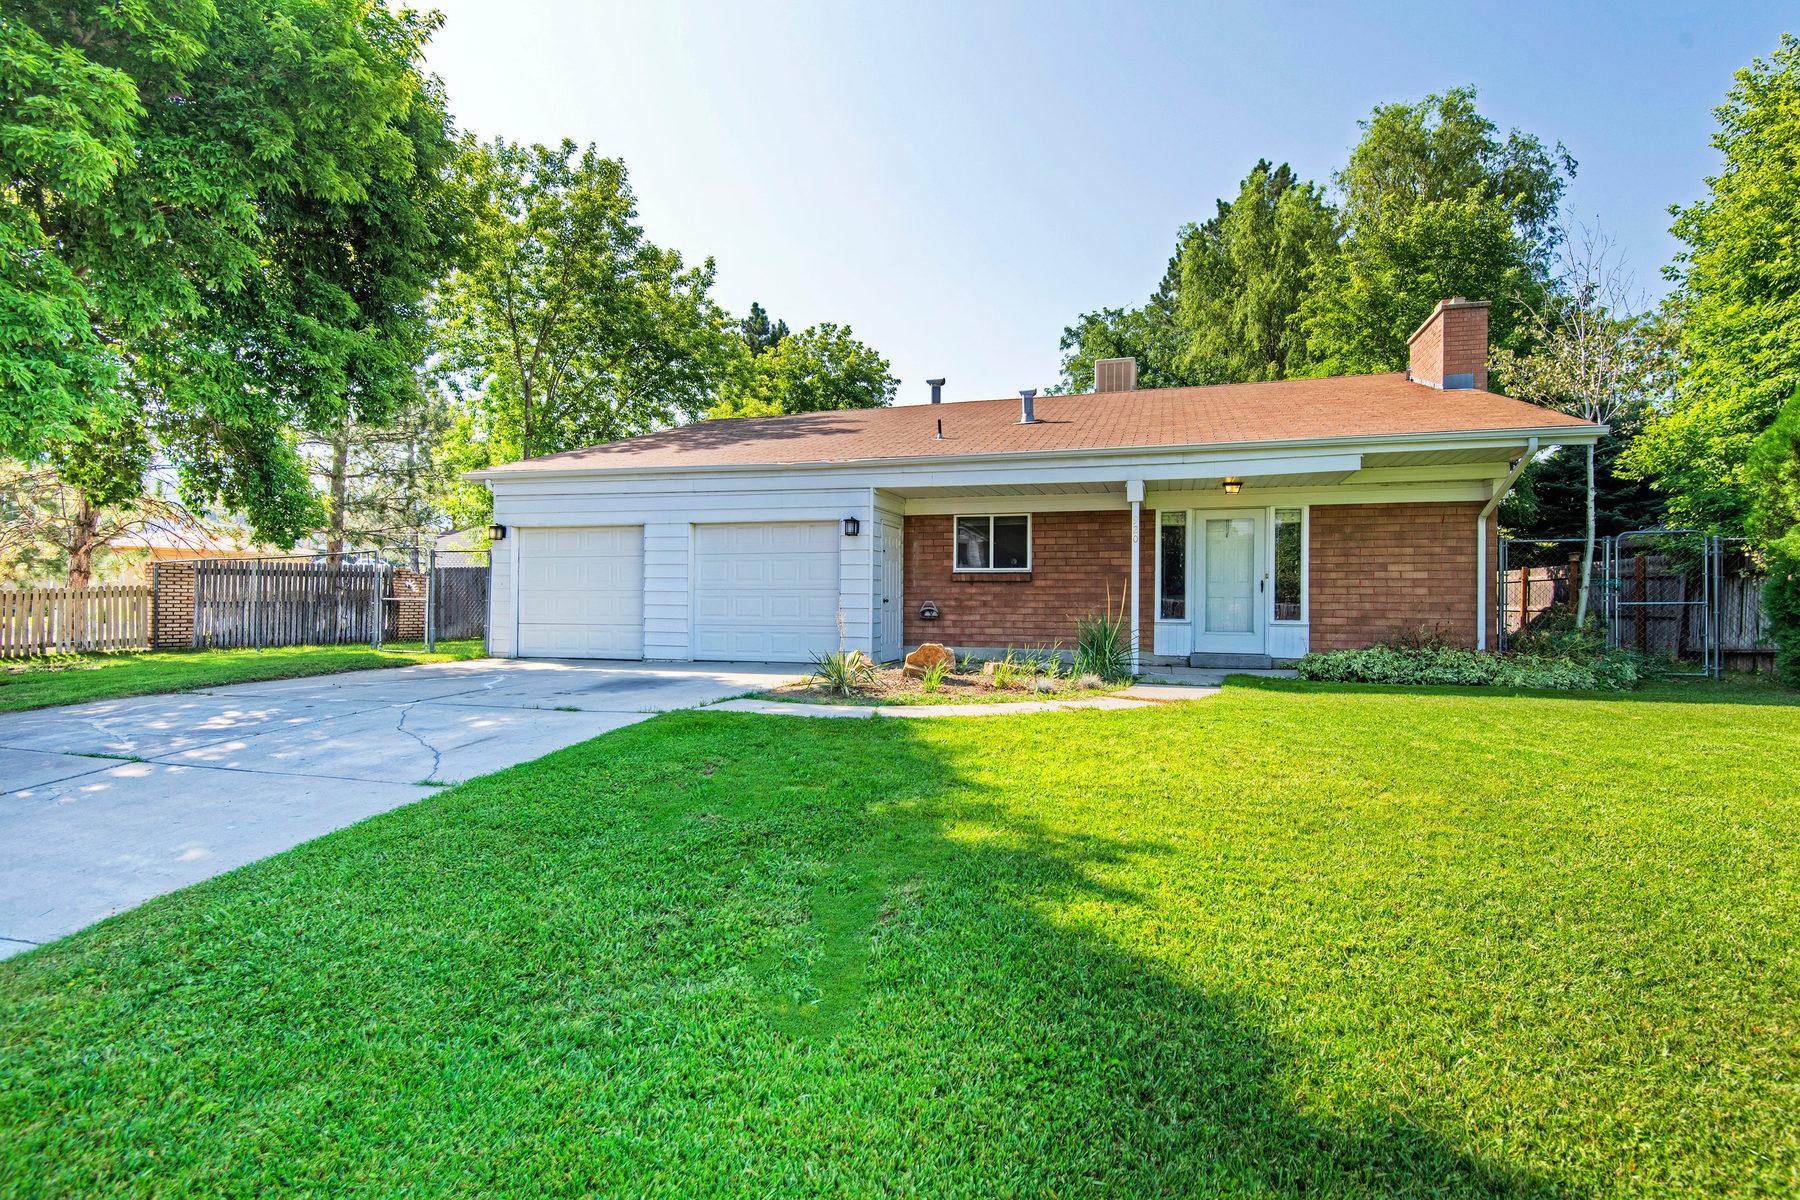 Maison unifamiliale pour l Vente à Great One Level Living 920 East 5290 South Holladay, Utah 84117 États-Unis